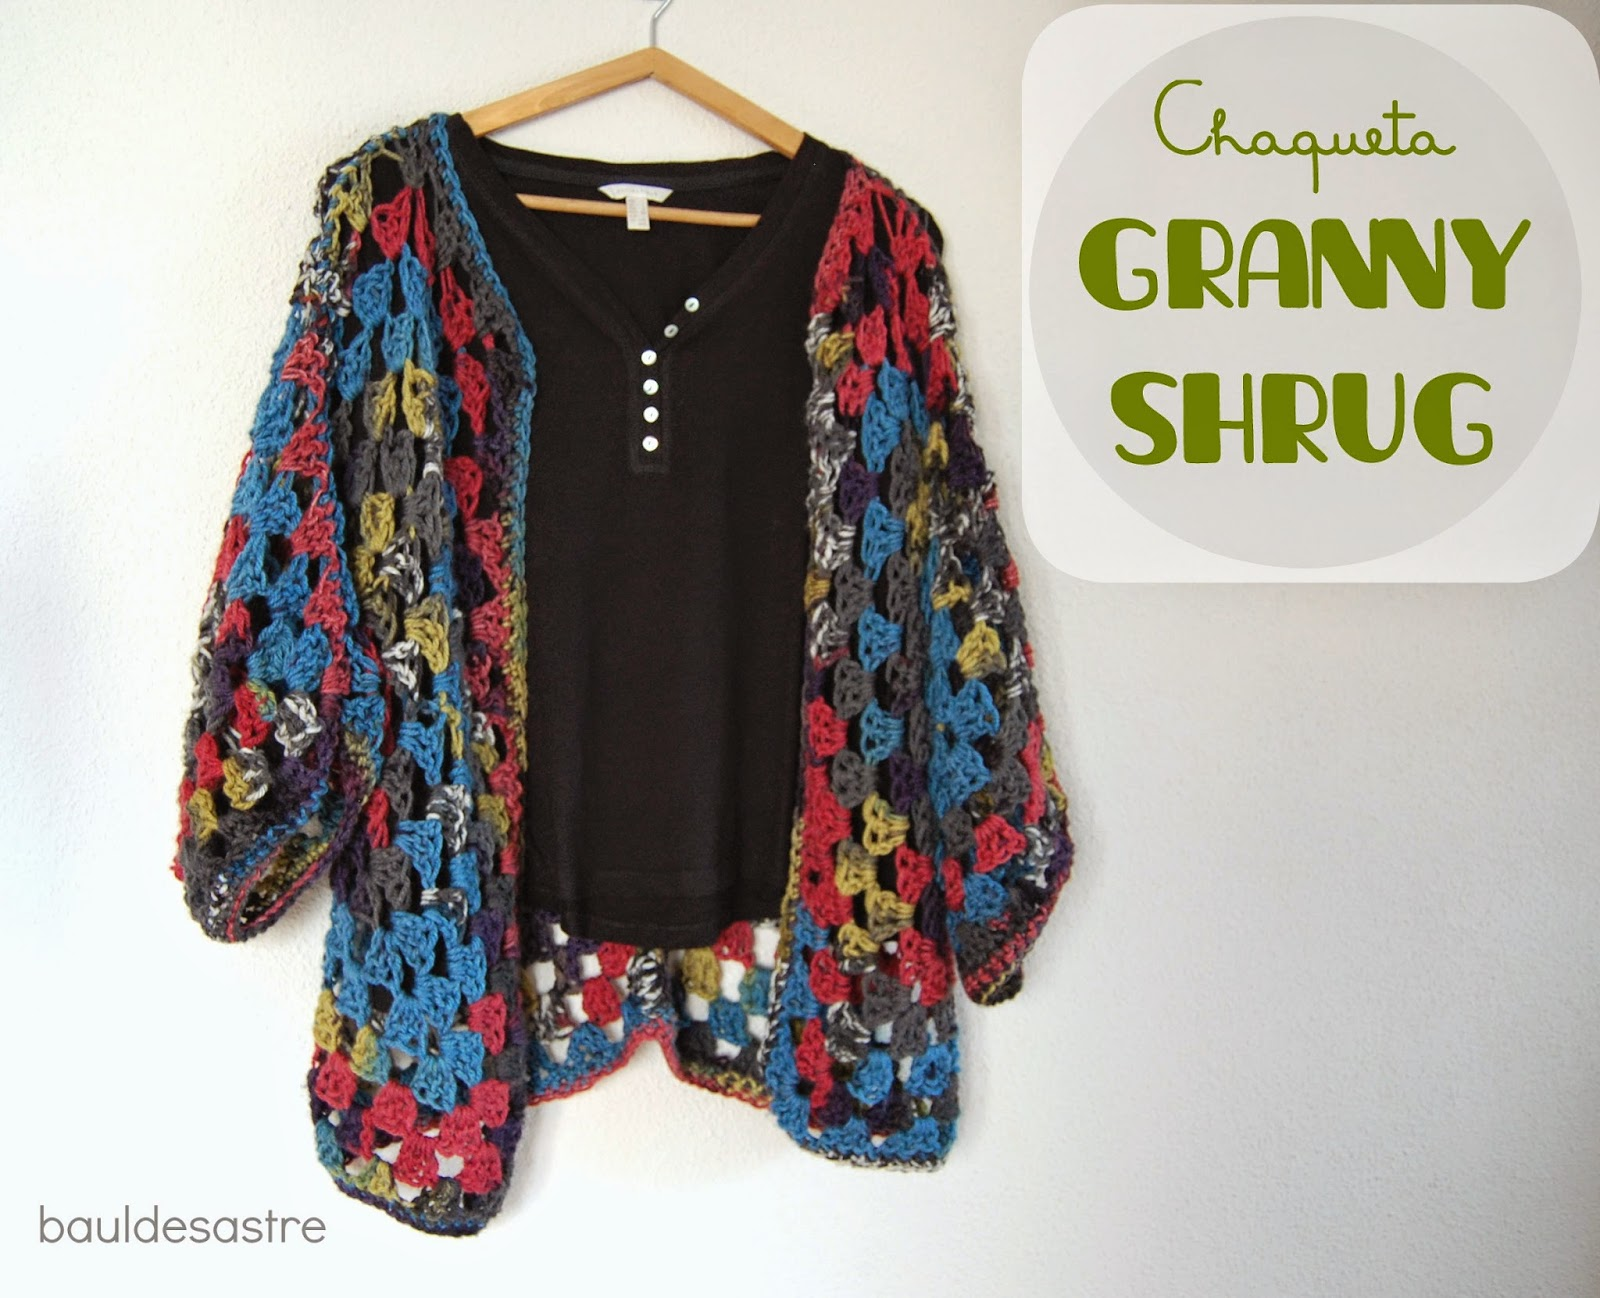 Chaqueta Granny Shrug ganchillo